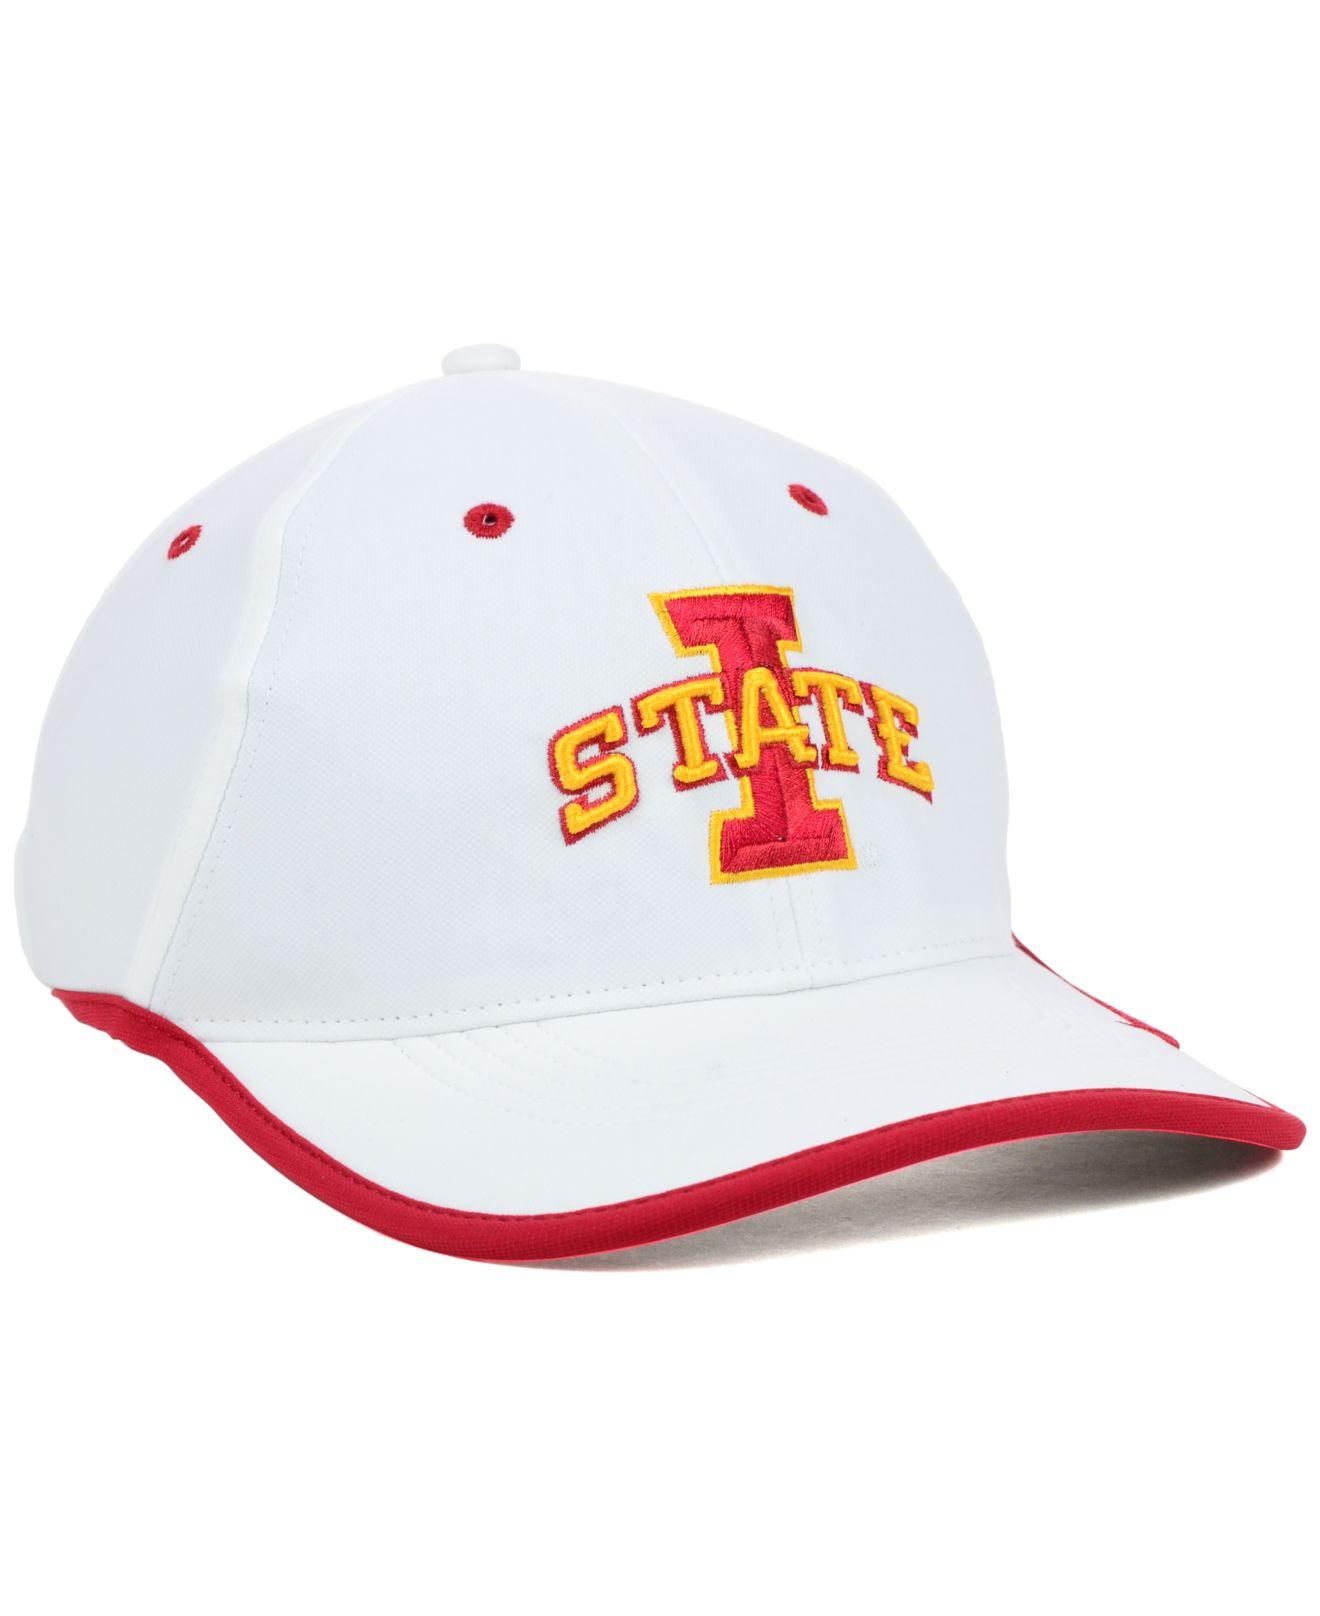 best website 582de 220f5 ... sale lyst nike iowa state cyclones coaches dri fit cap in white for men  d898b 9dc51